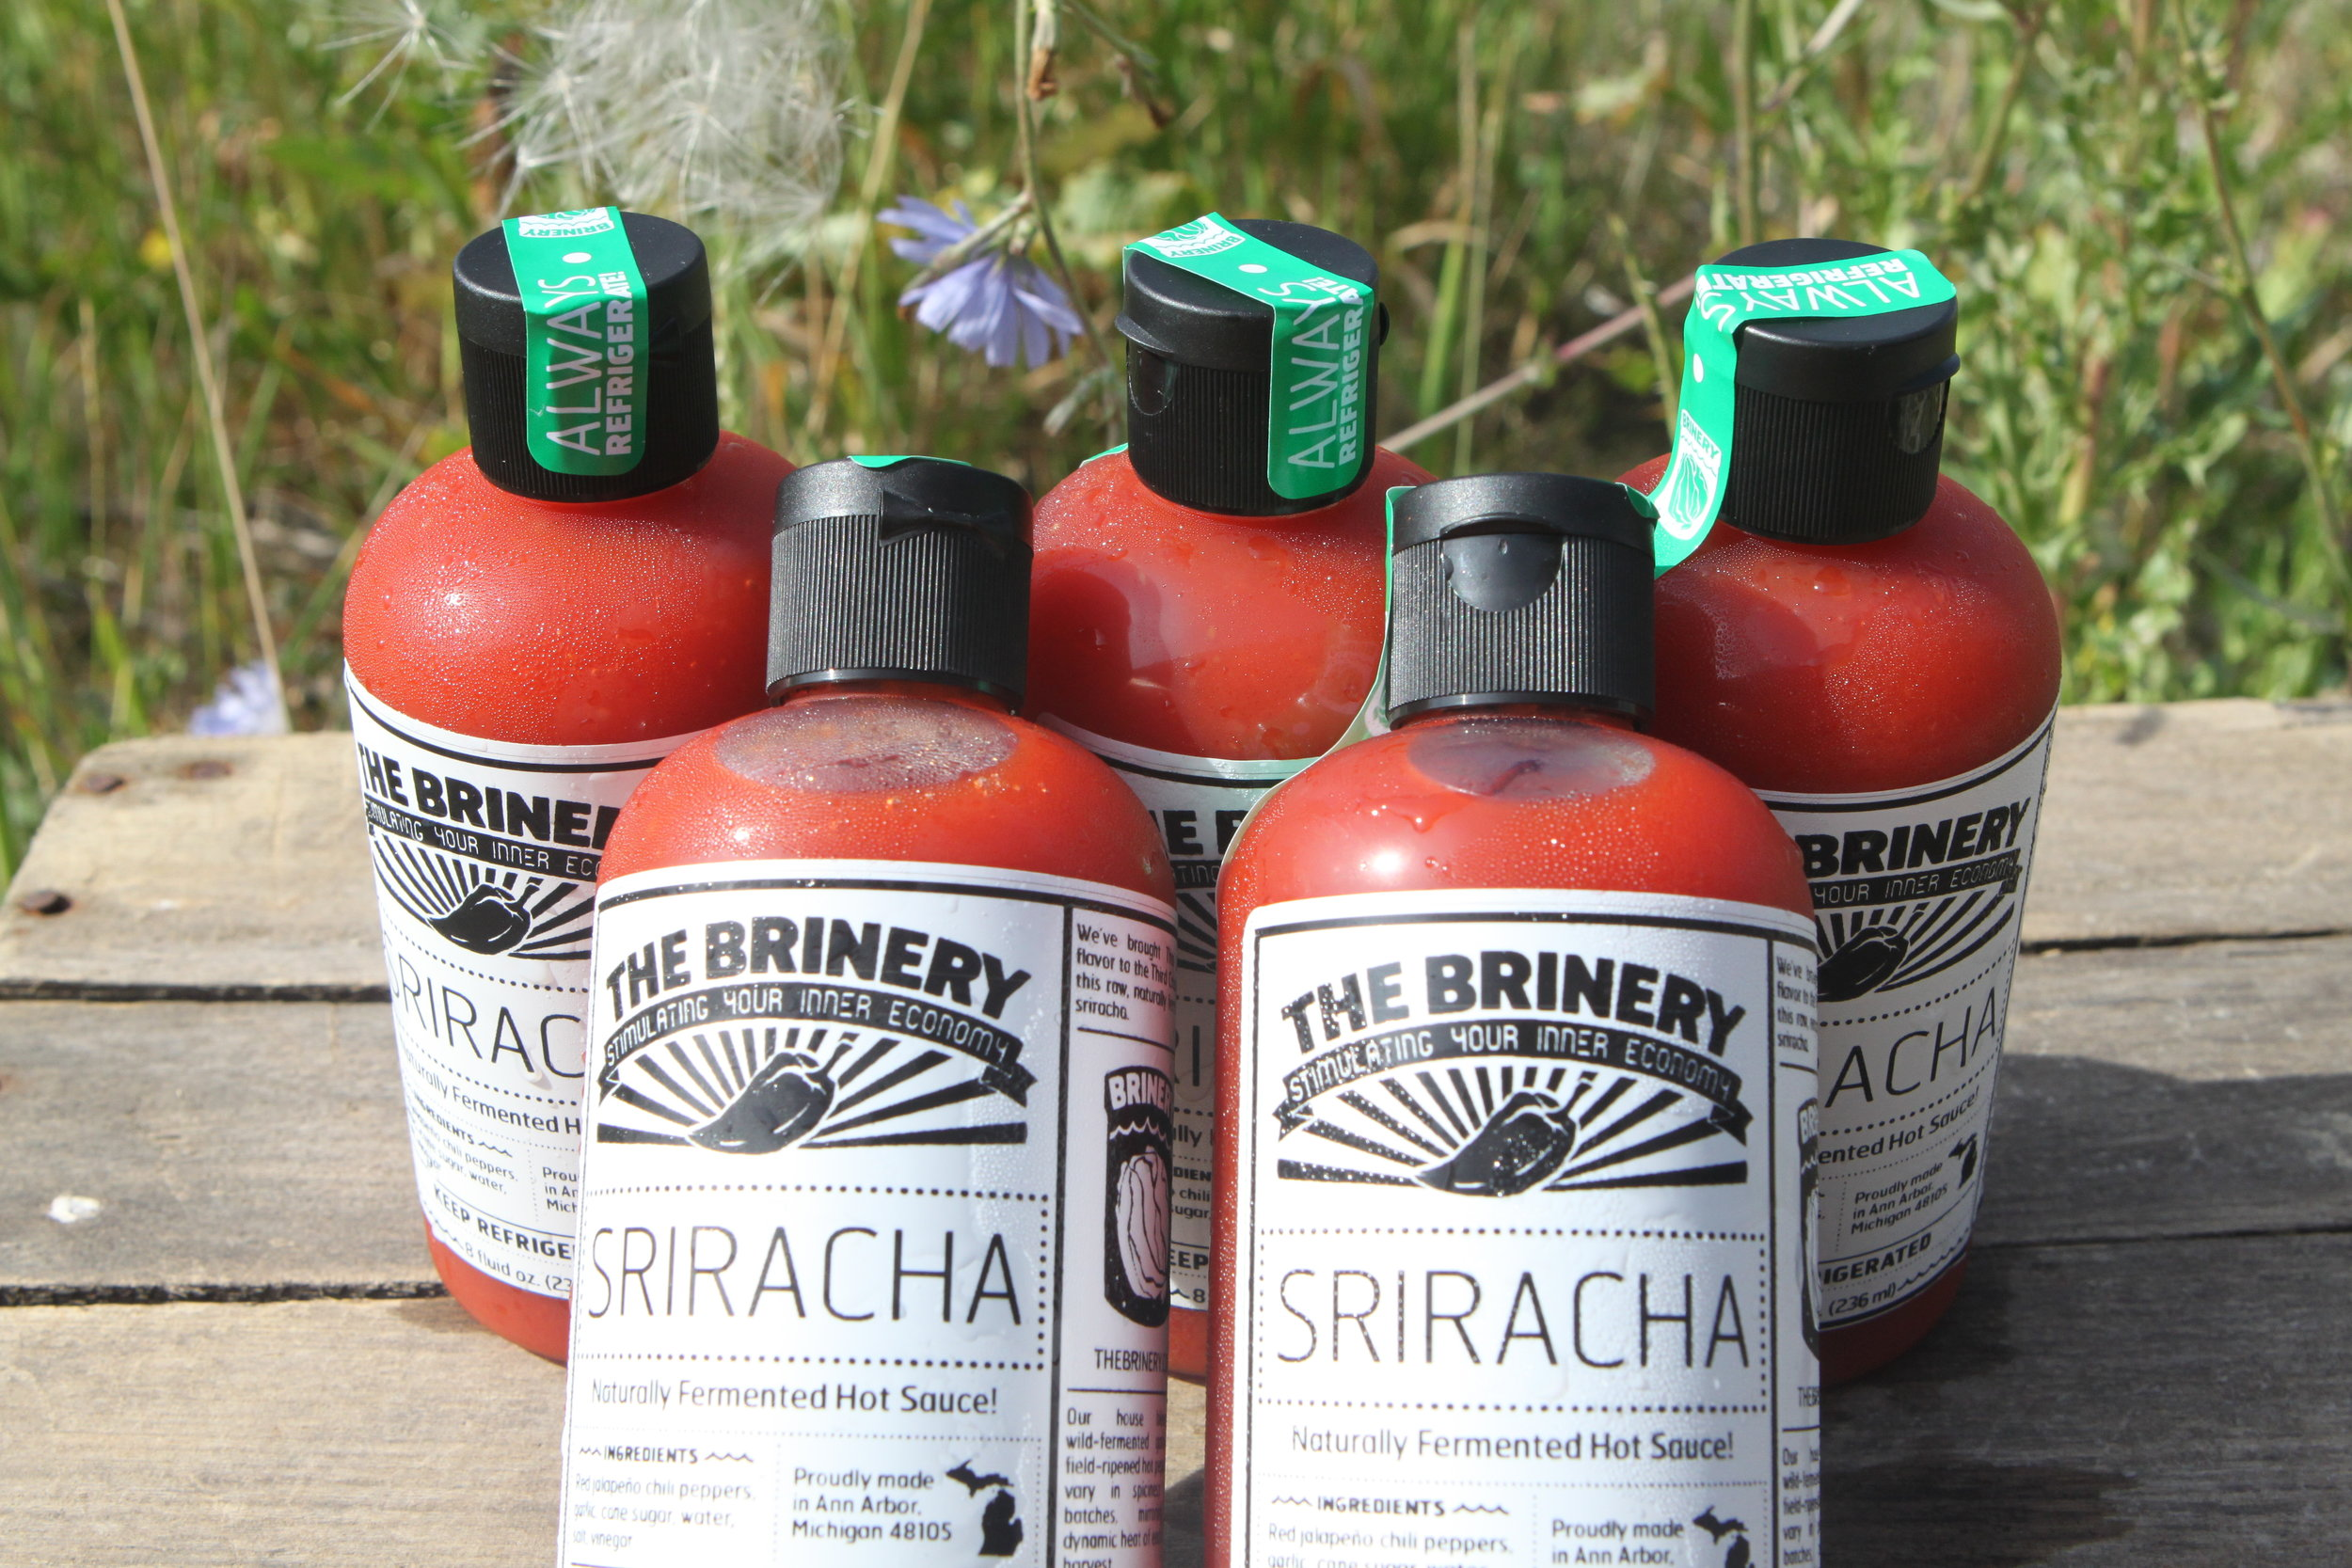 Sriracha New Outside.JPG